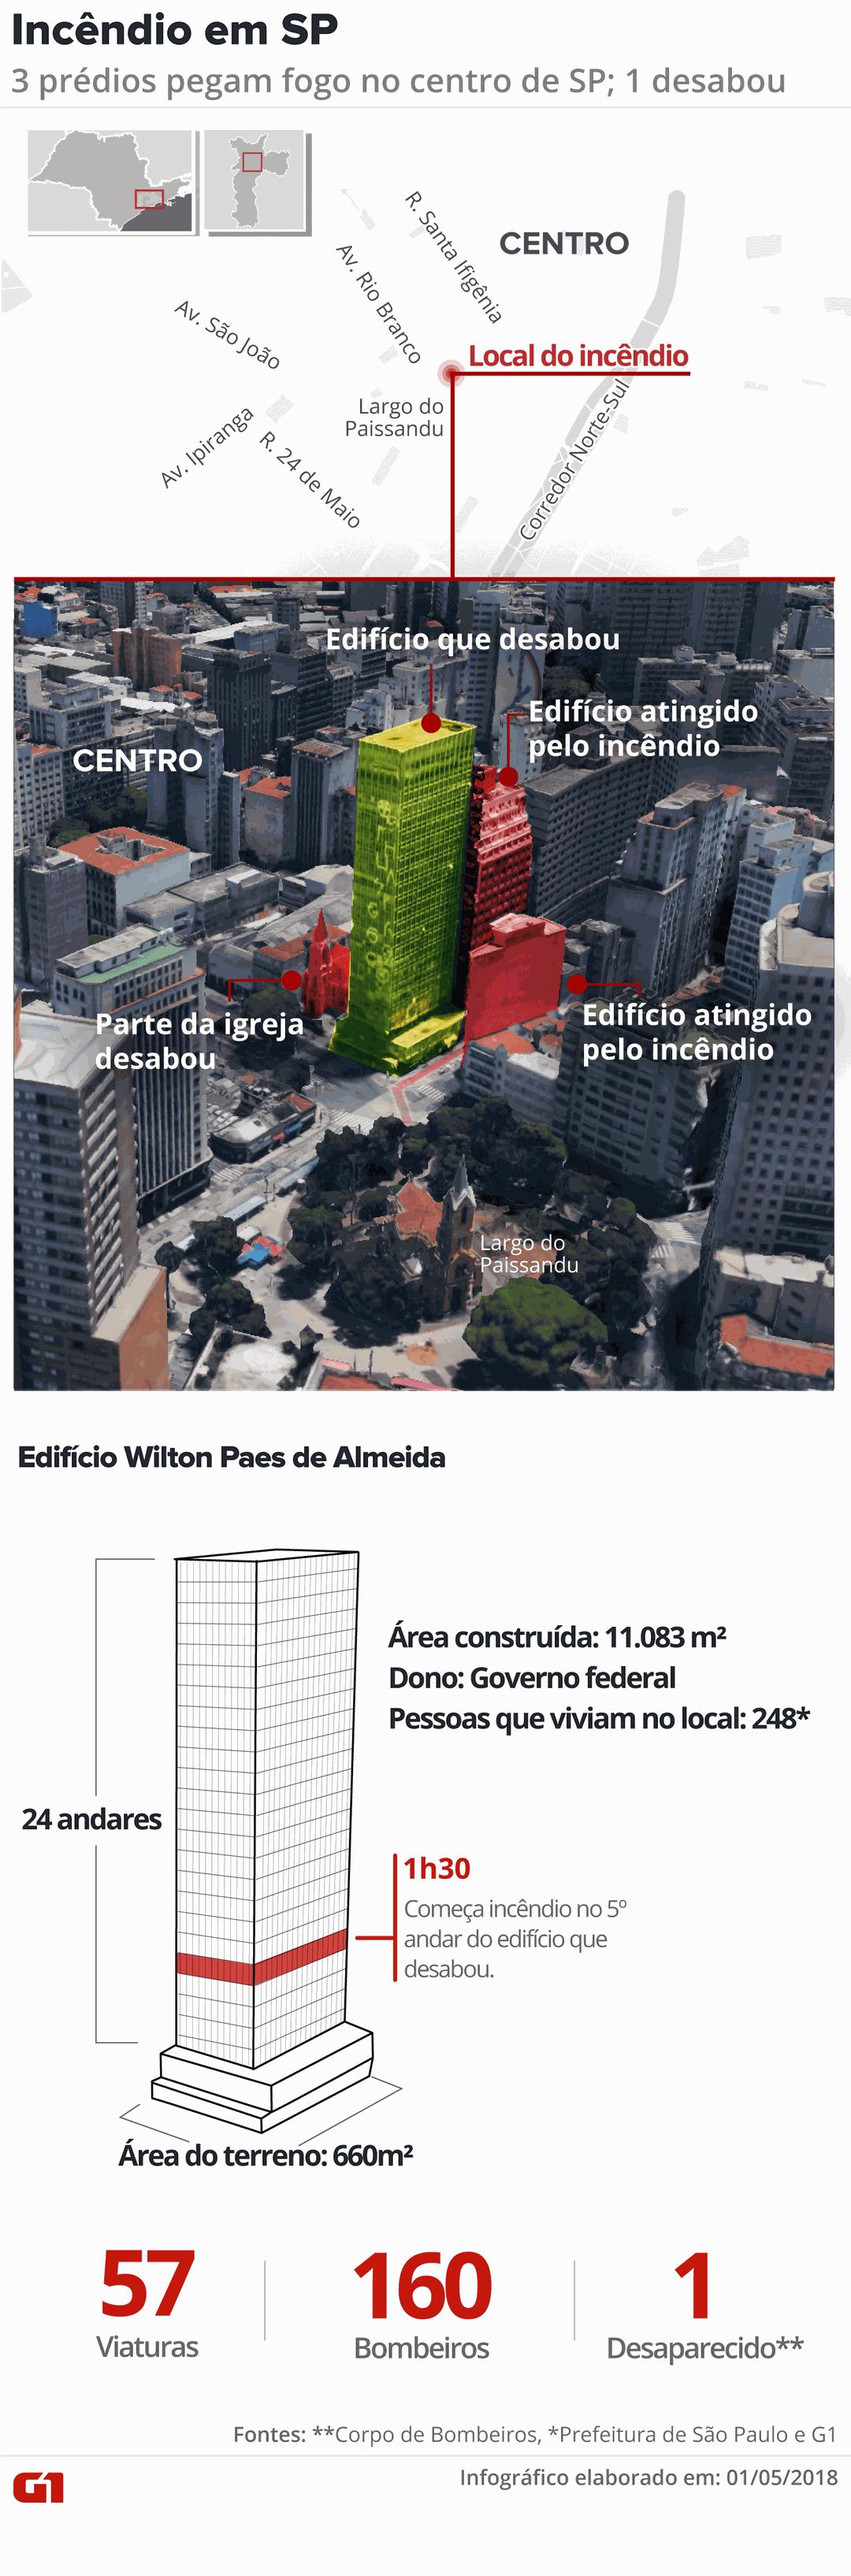 Infográfico mostra detalhes do prédio que desabou após pegar fogo no centro de SP